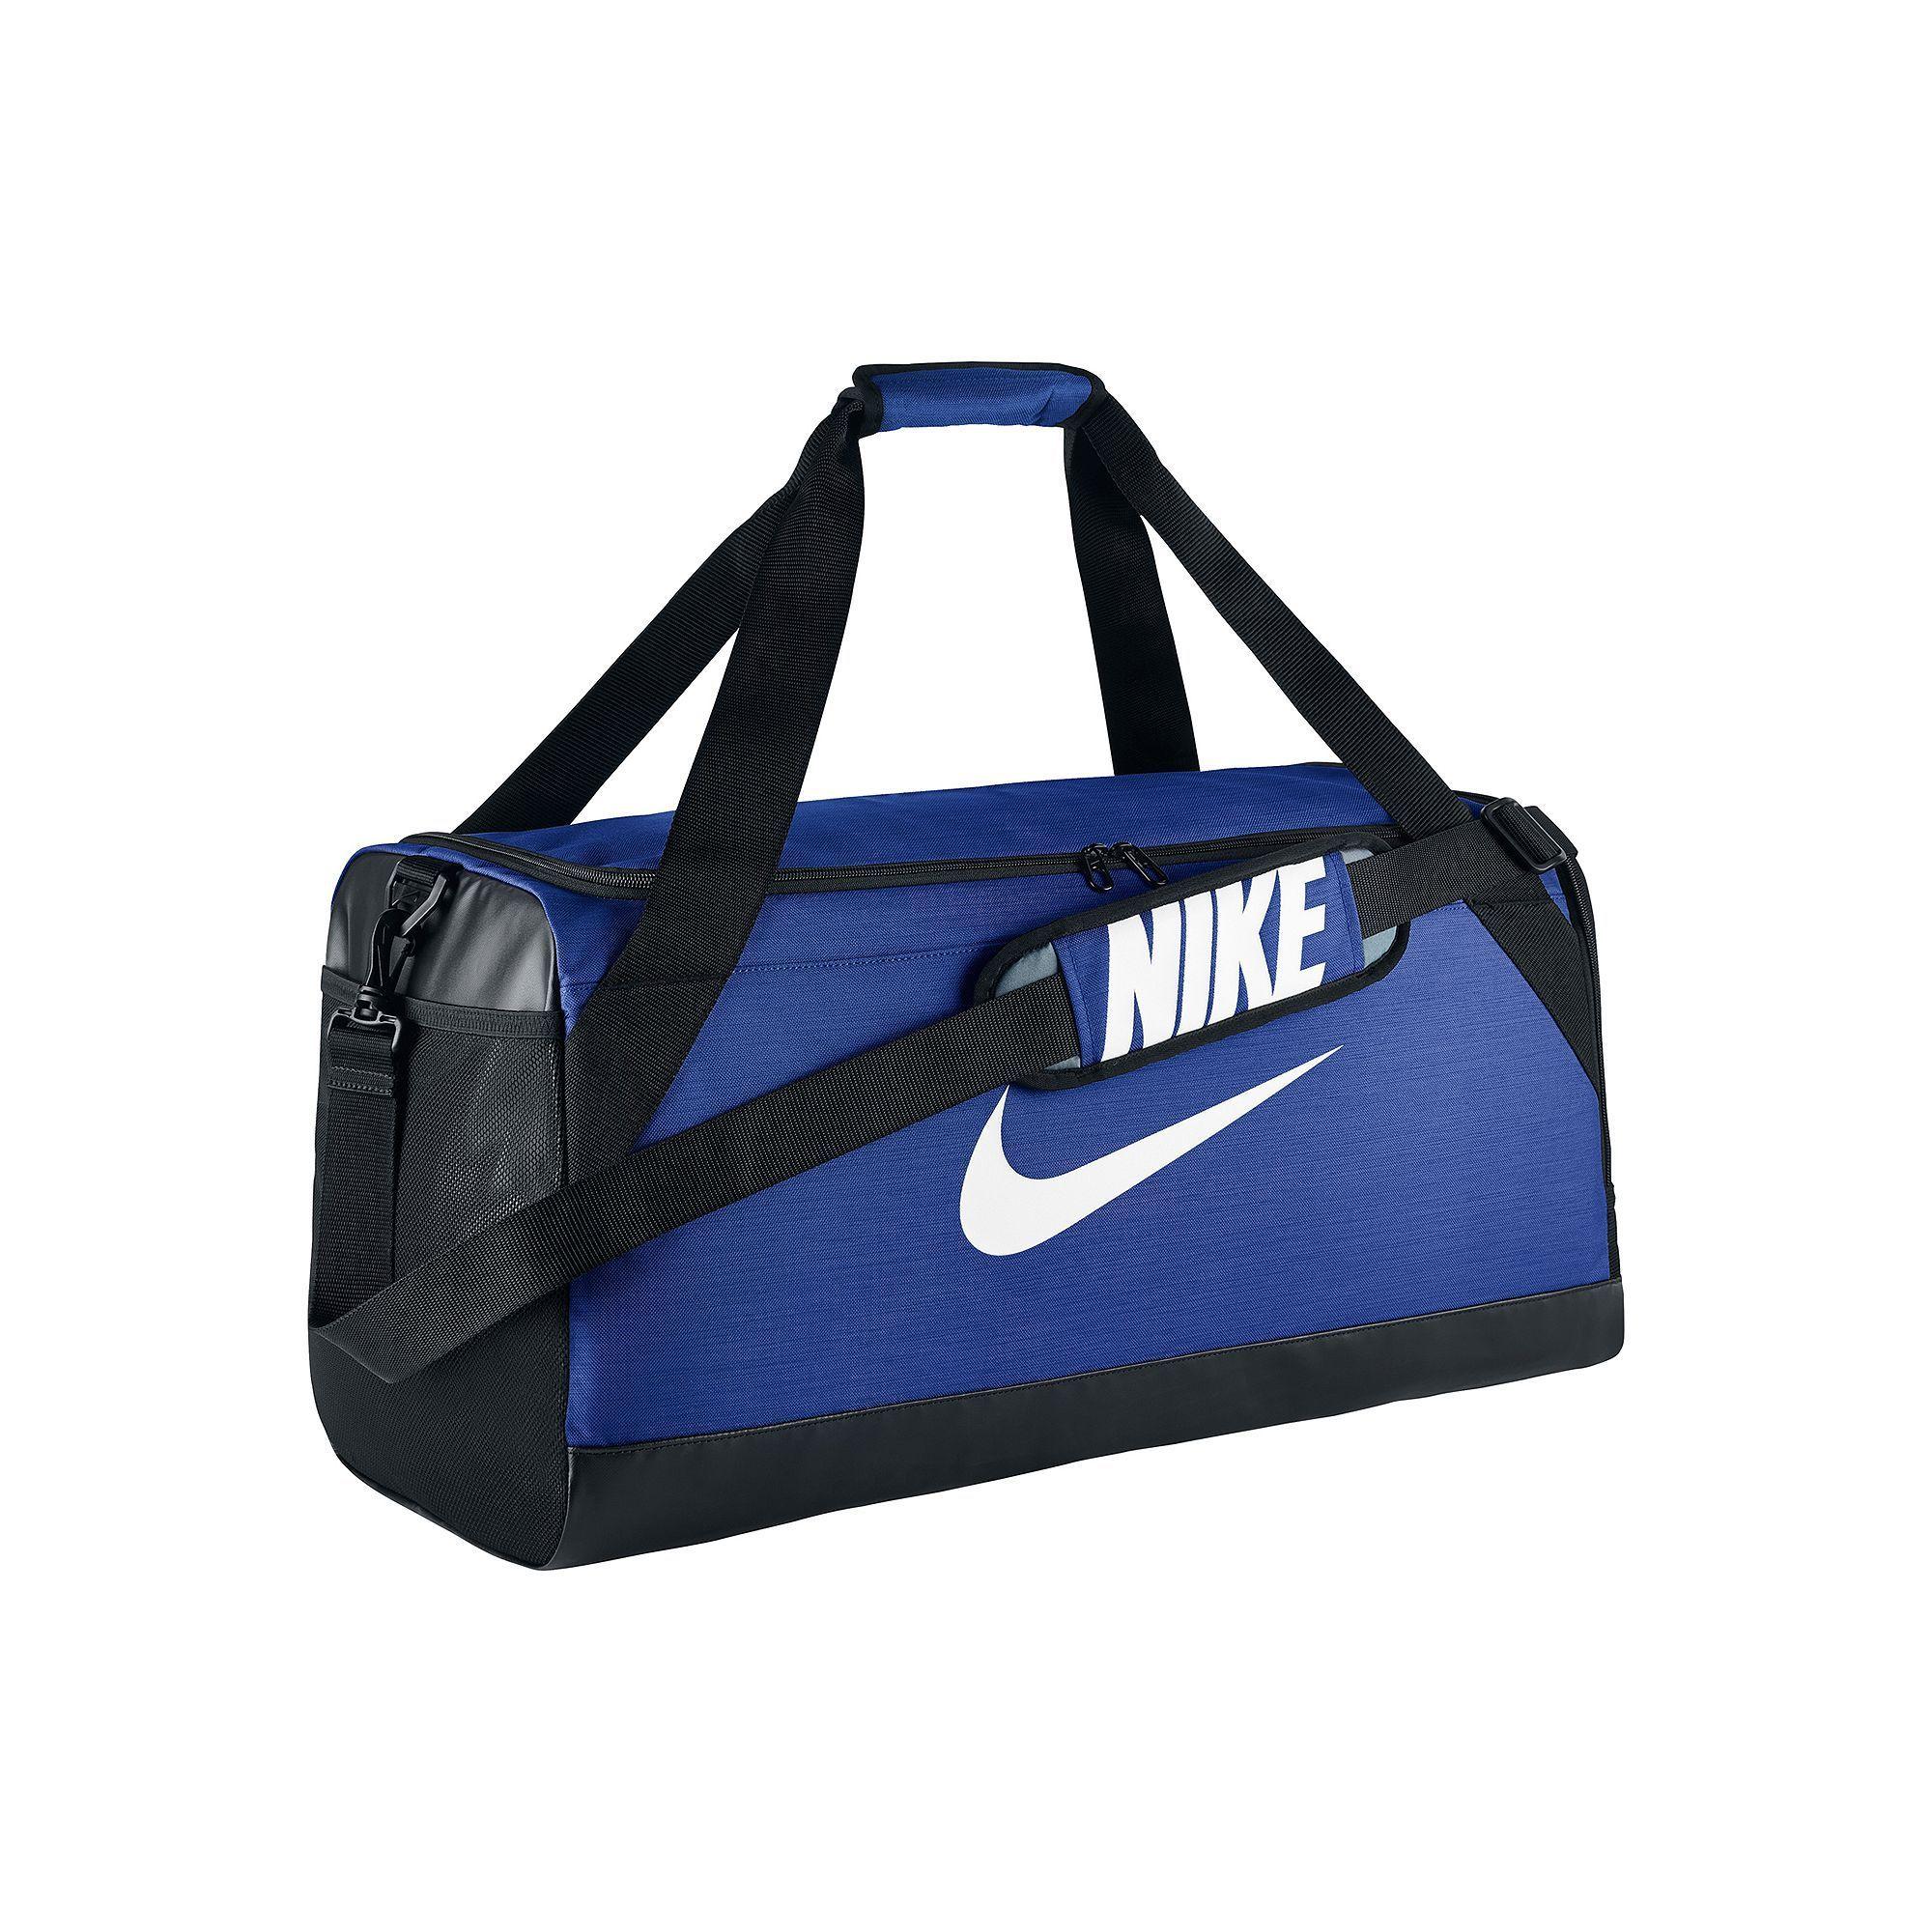 554473d513 Nike Brasilia 7 Medium Duffel Bag